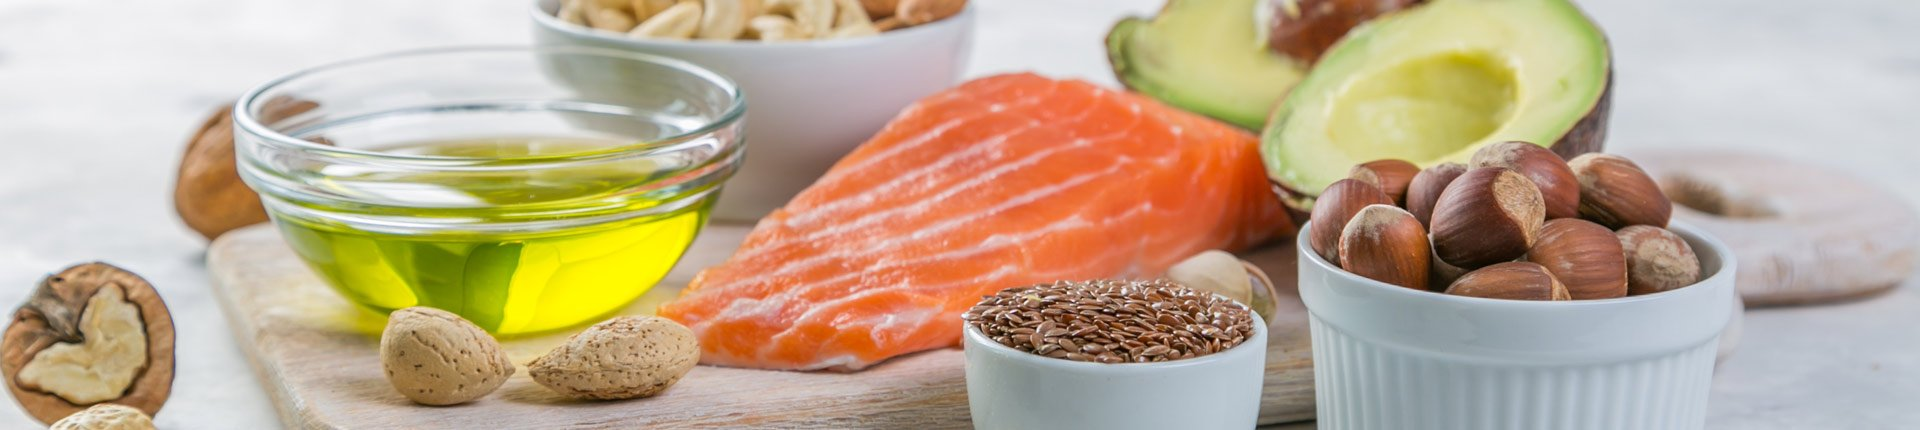 Dieta ketogeniczna: rodzaje, jadłospis - przewodnik dla początkujących